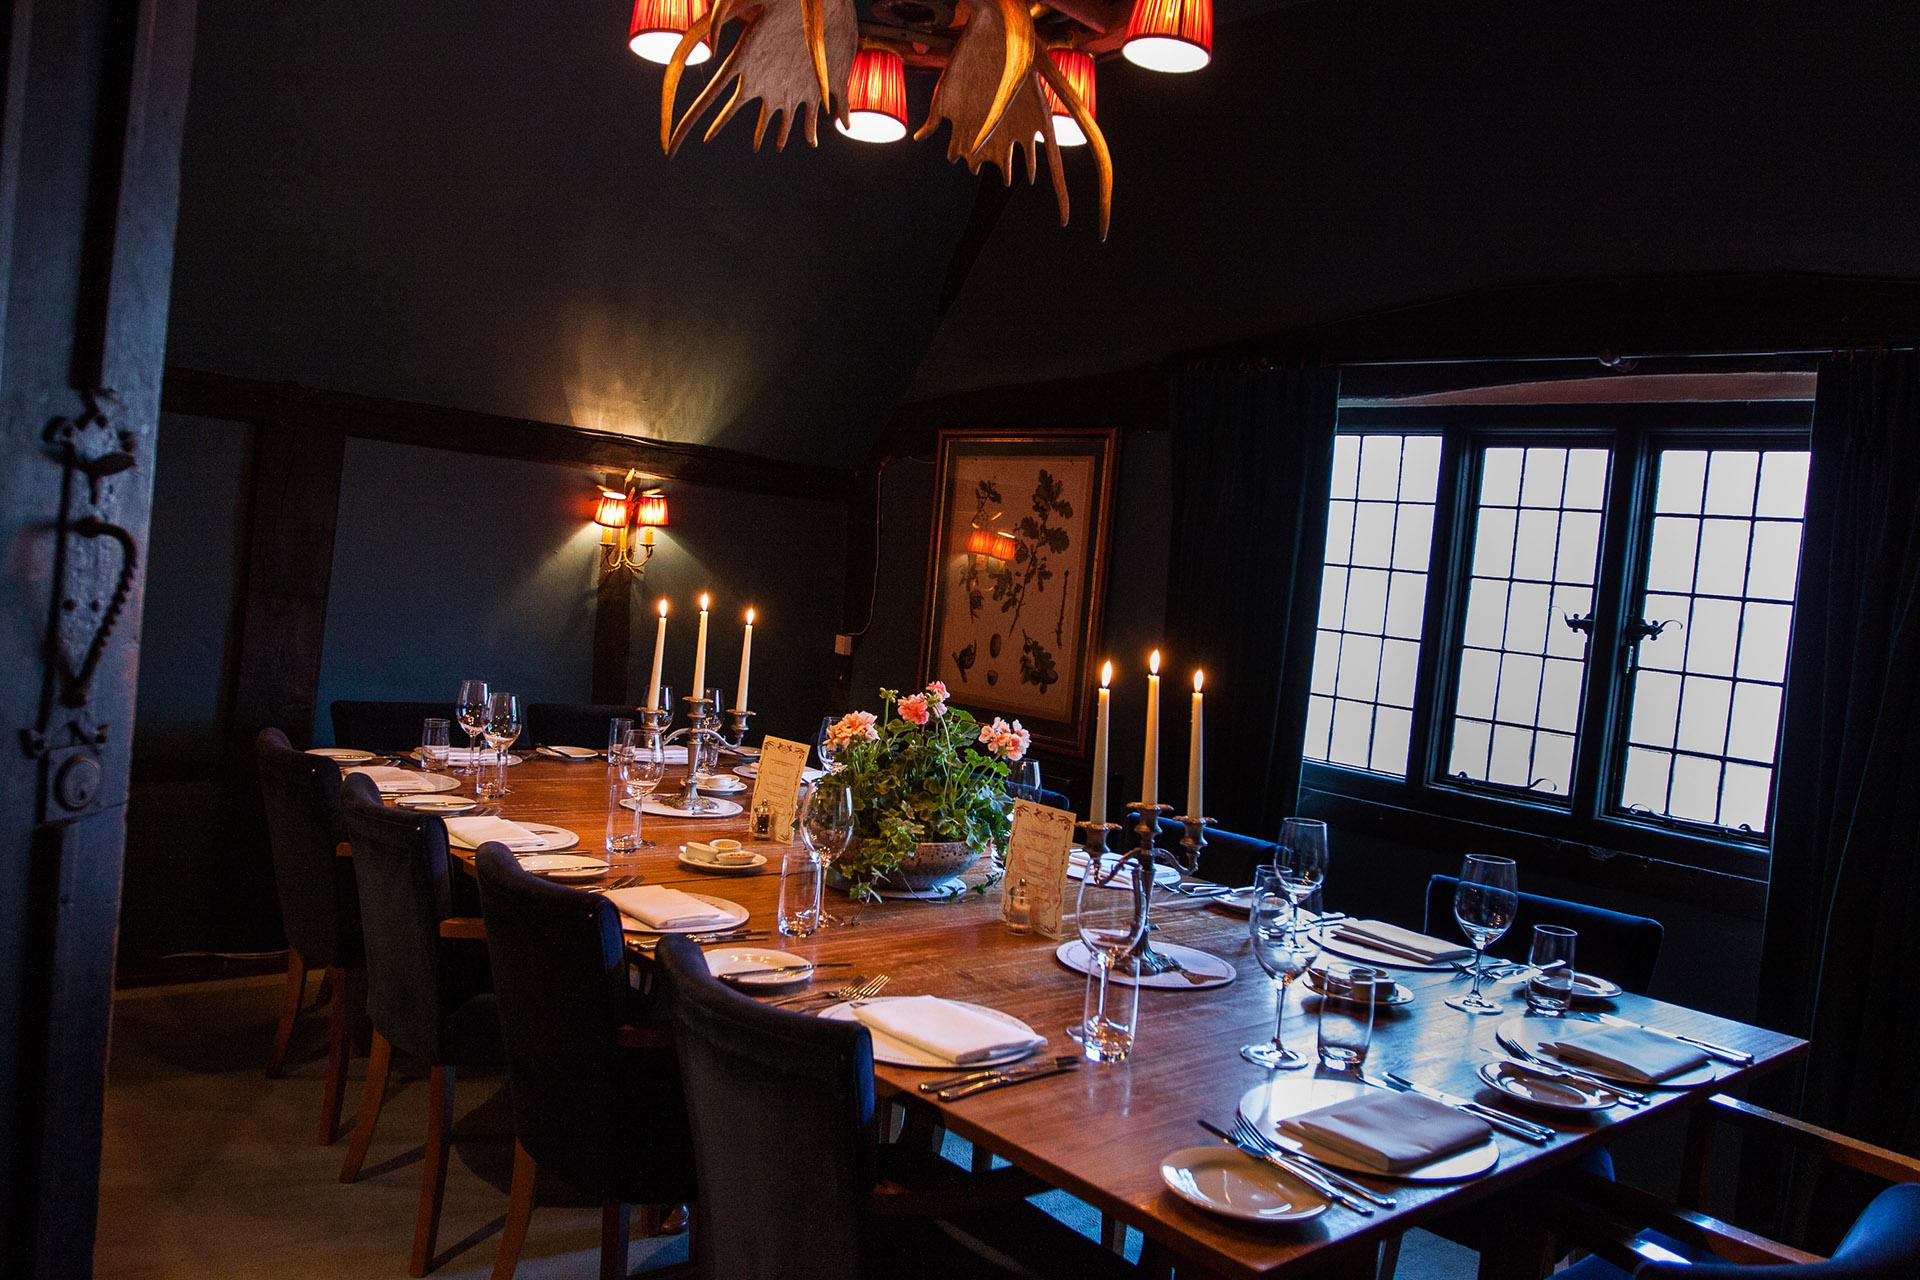 Jane Austen Room